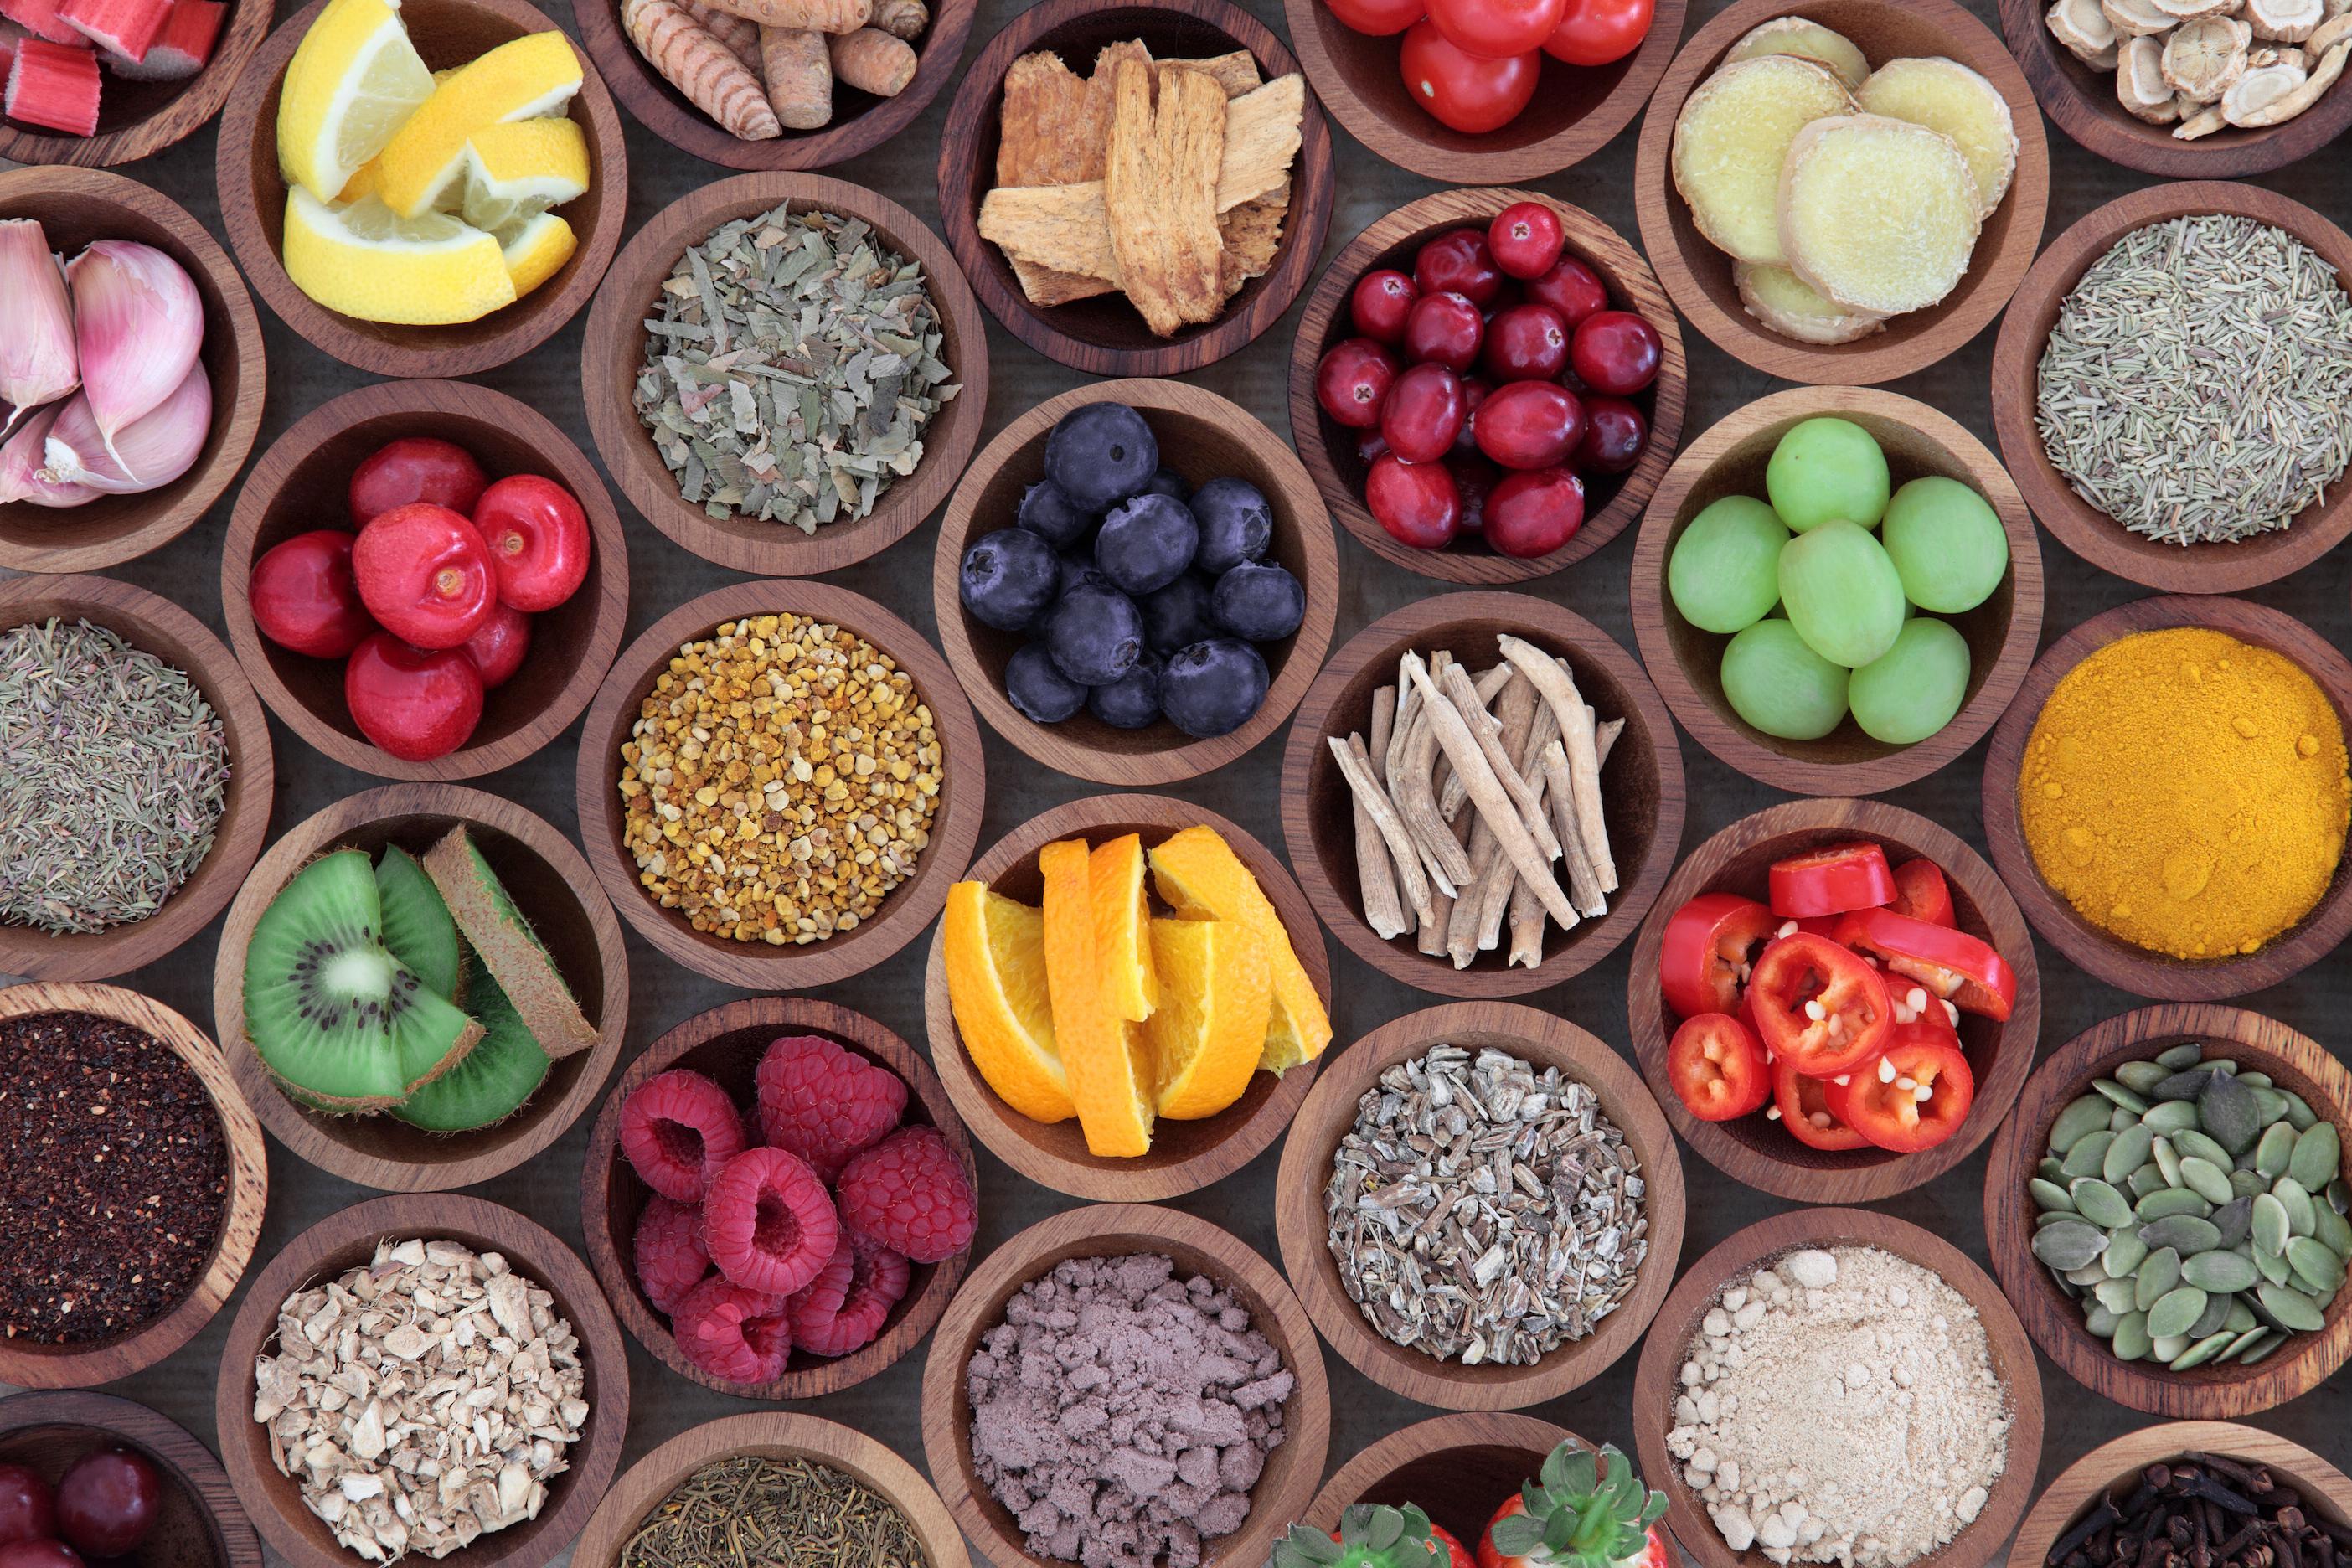 Q1 2021: Food waste; the secret of fat; keep it local | Greenbiz